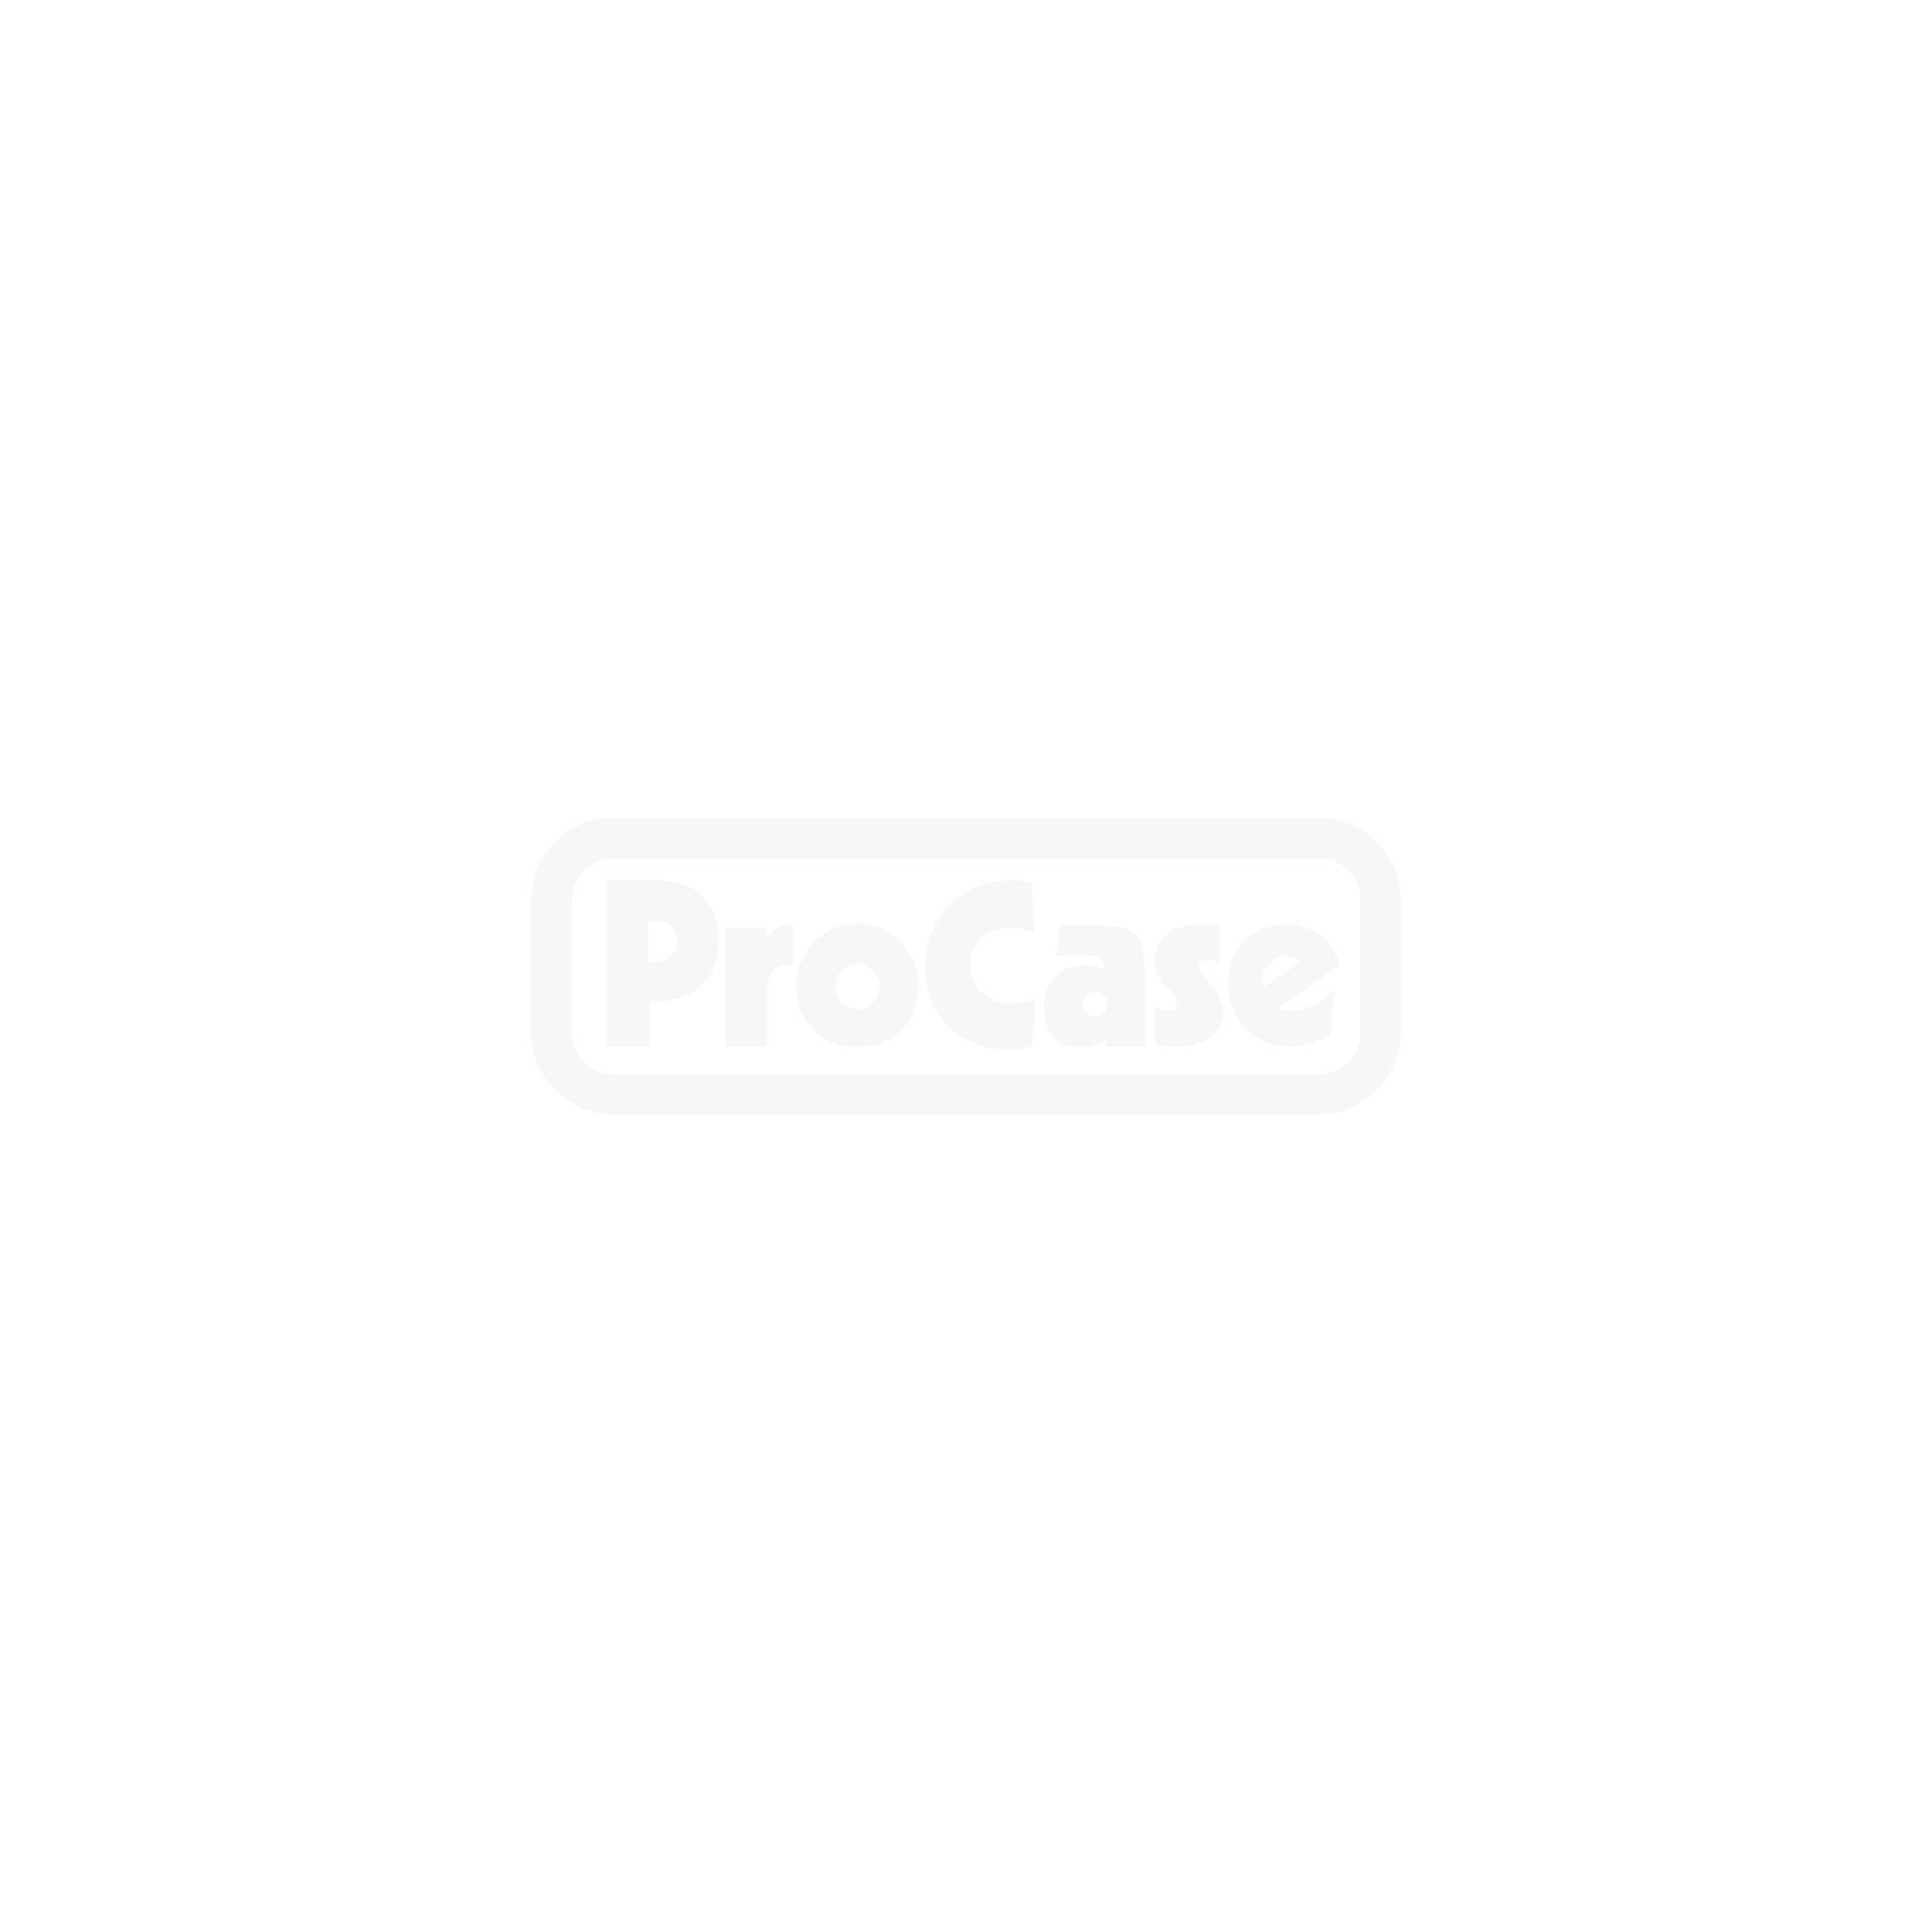 Screen Flex-Case mit Audipack Stand FS-701V6 2